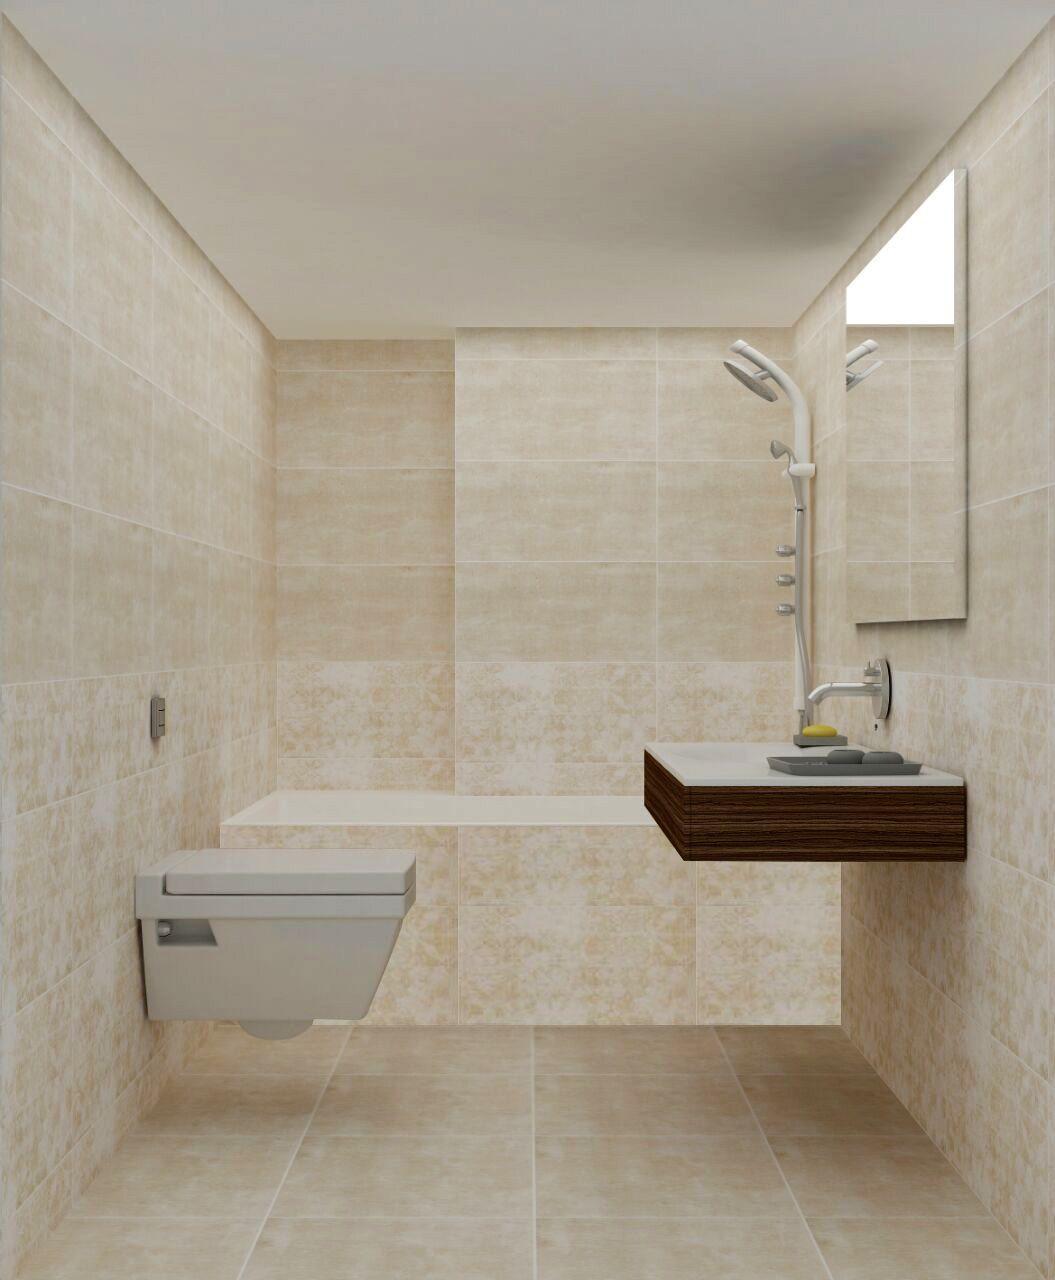 Pin By Banin Fakih On Tiles Bathroom Layout Bathroom Bathtub